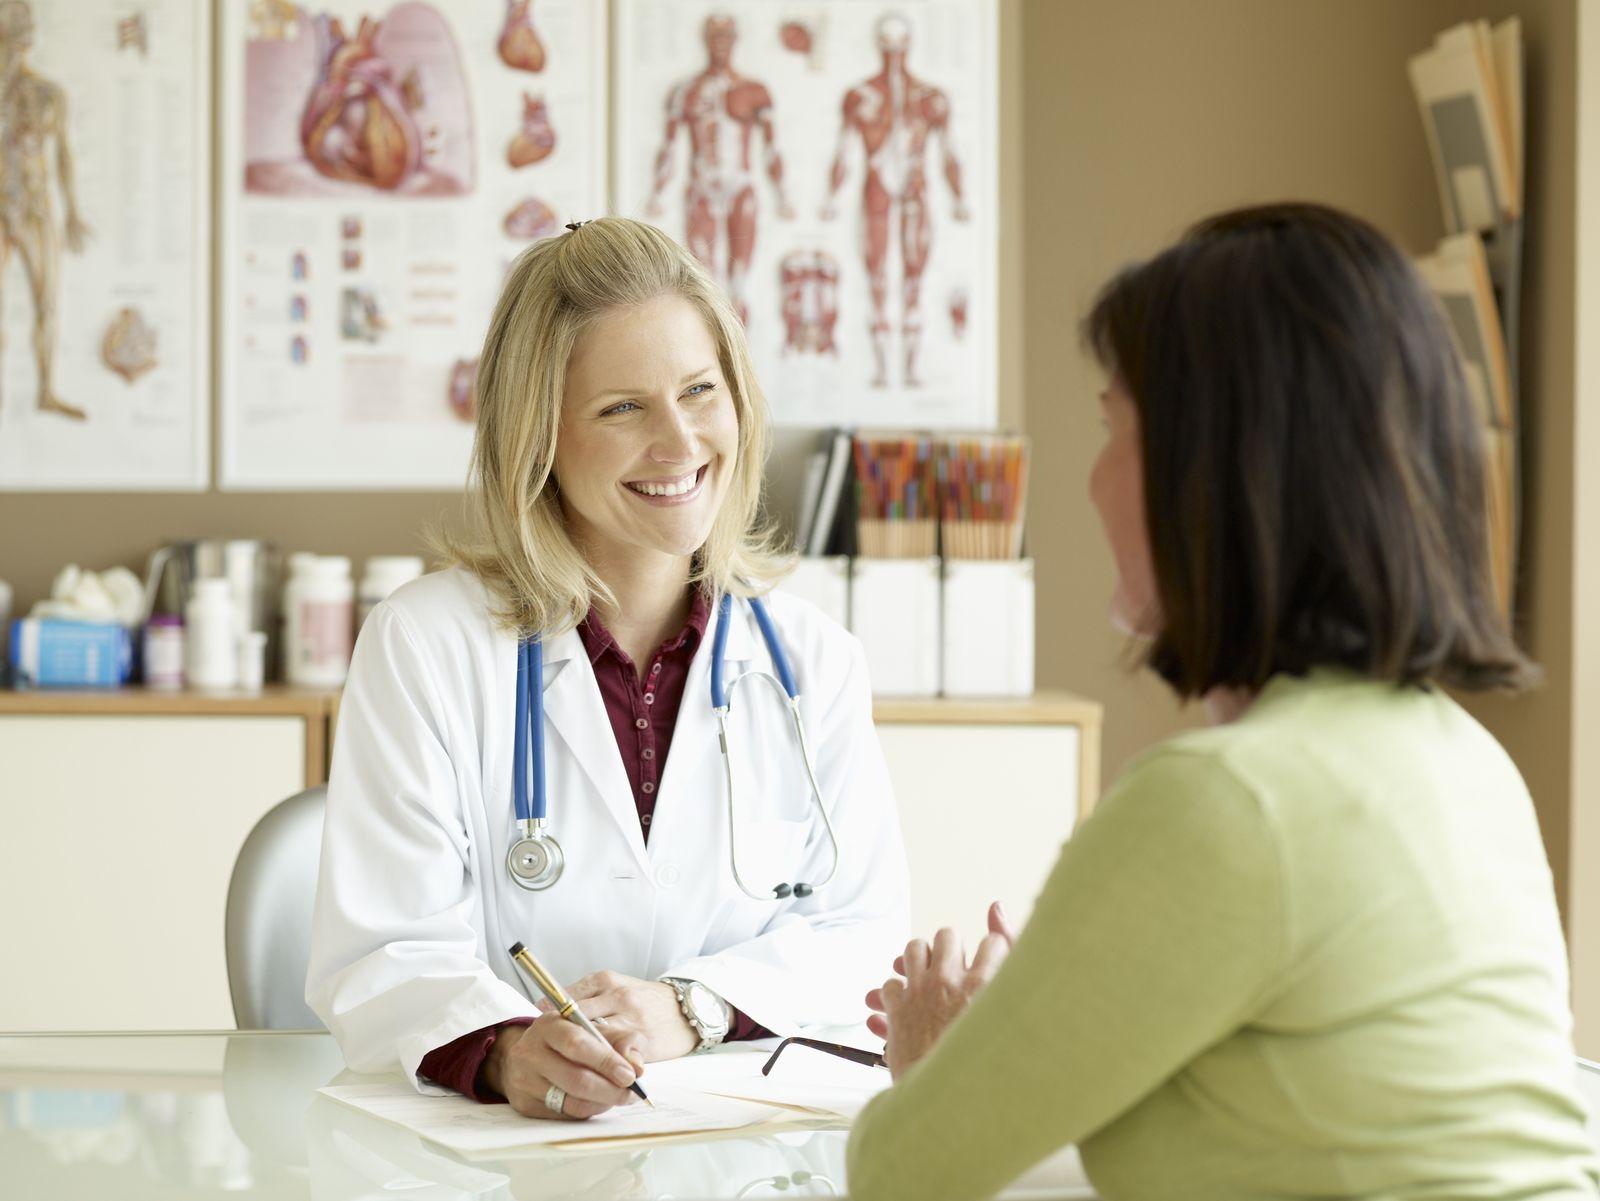 NICHT MEHR VERWENDEN! - Arzt/ Patient/ Gespräch